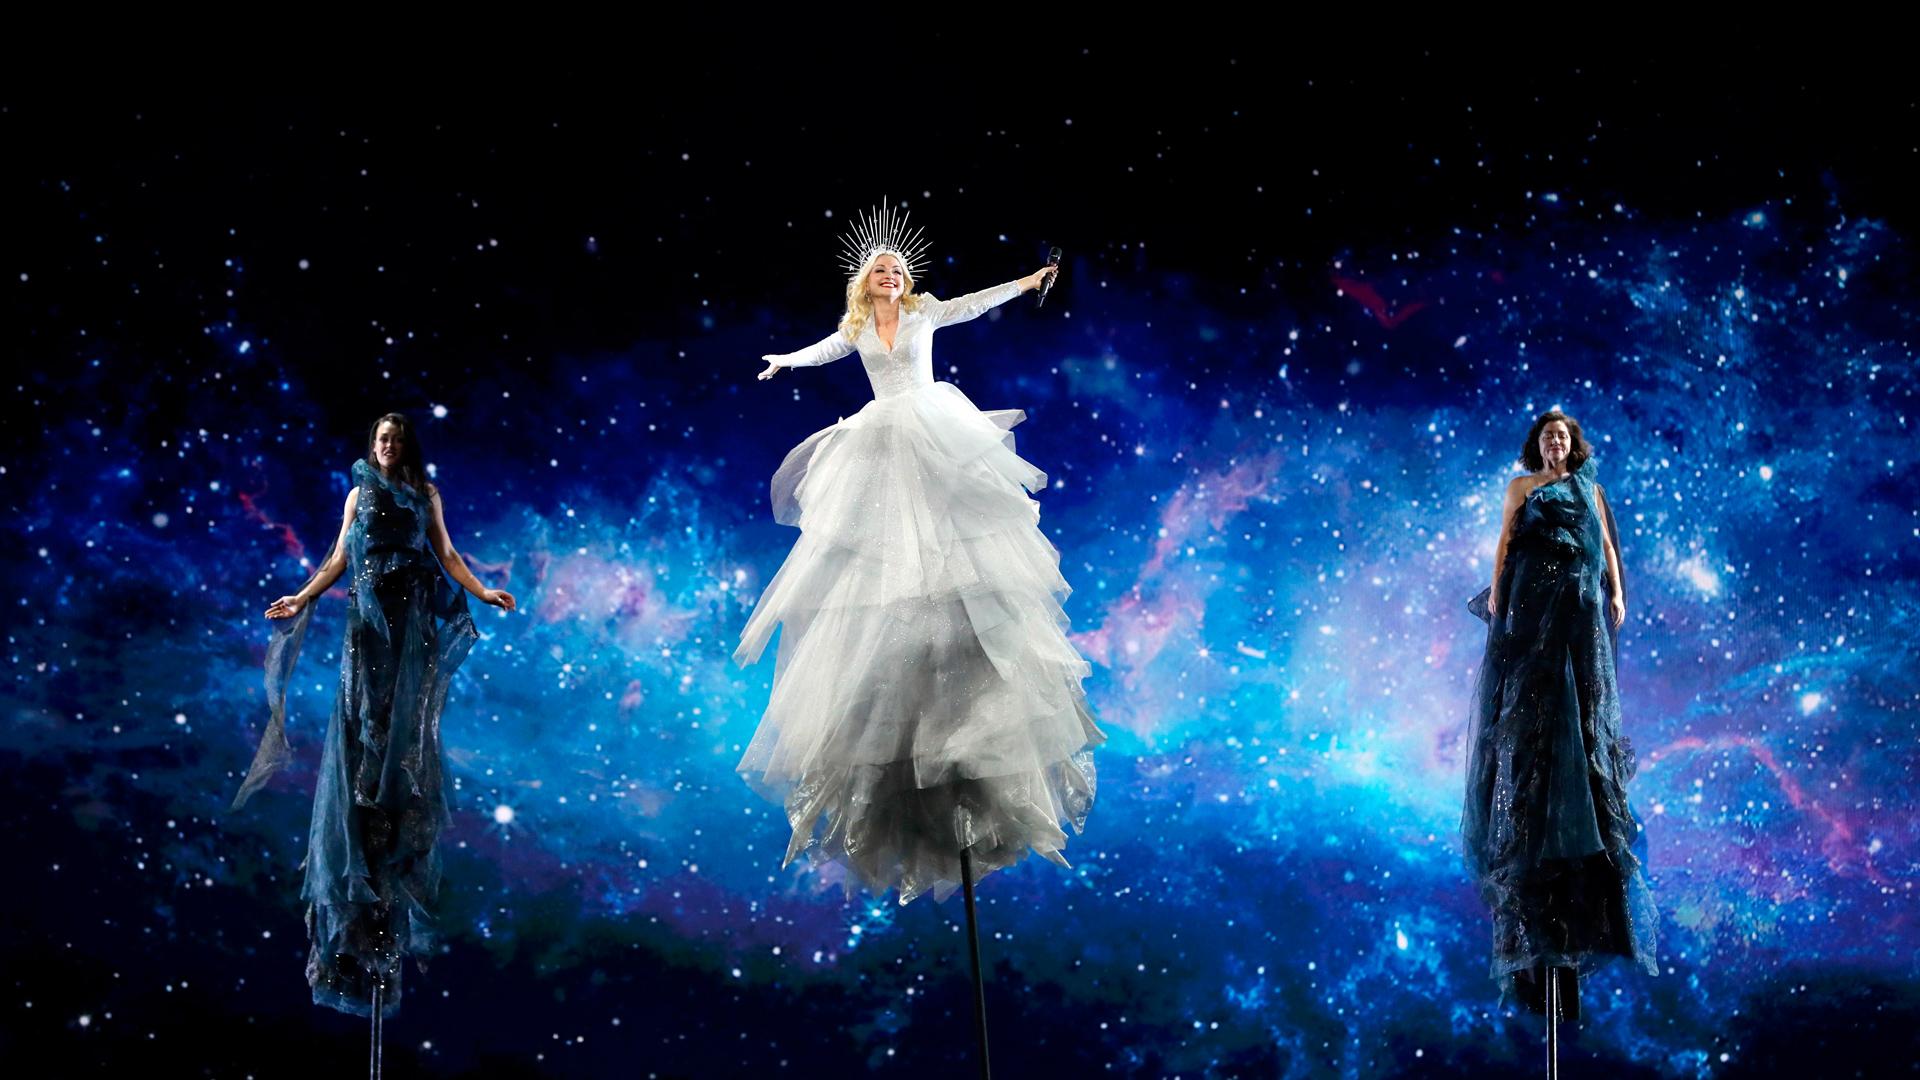 eurovision 2019 - photo #10